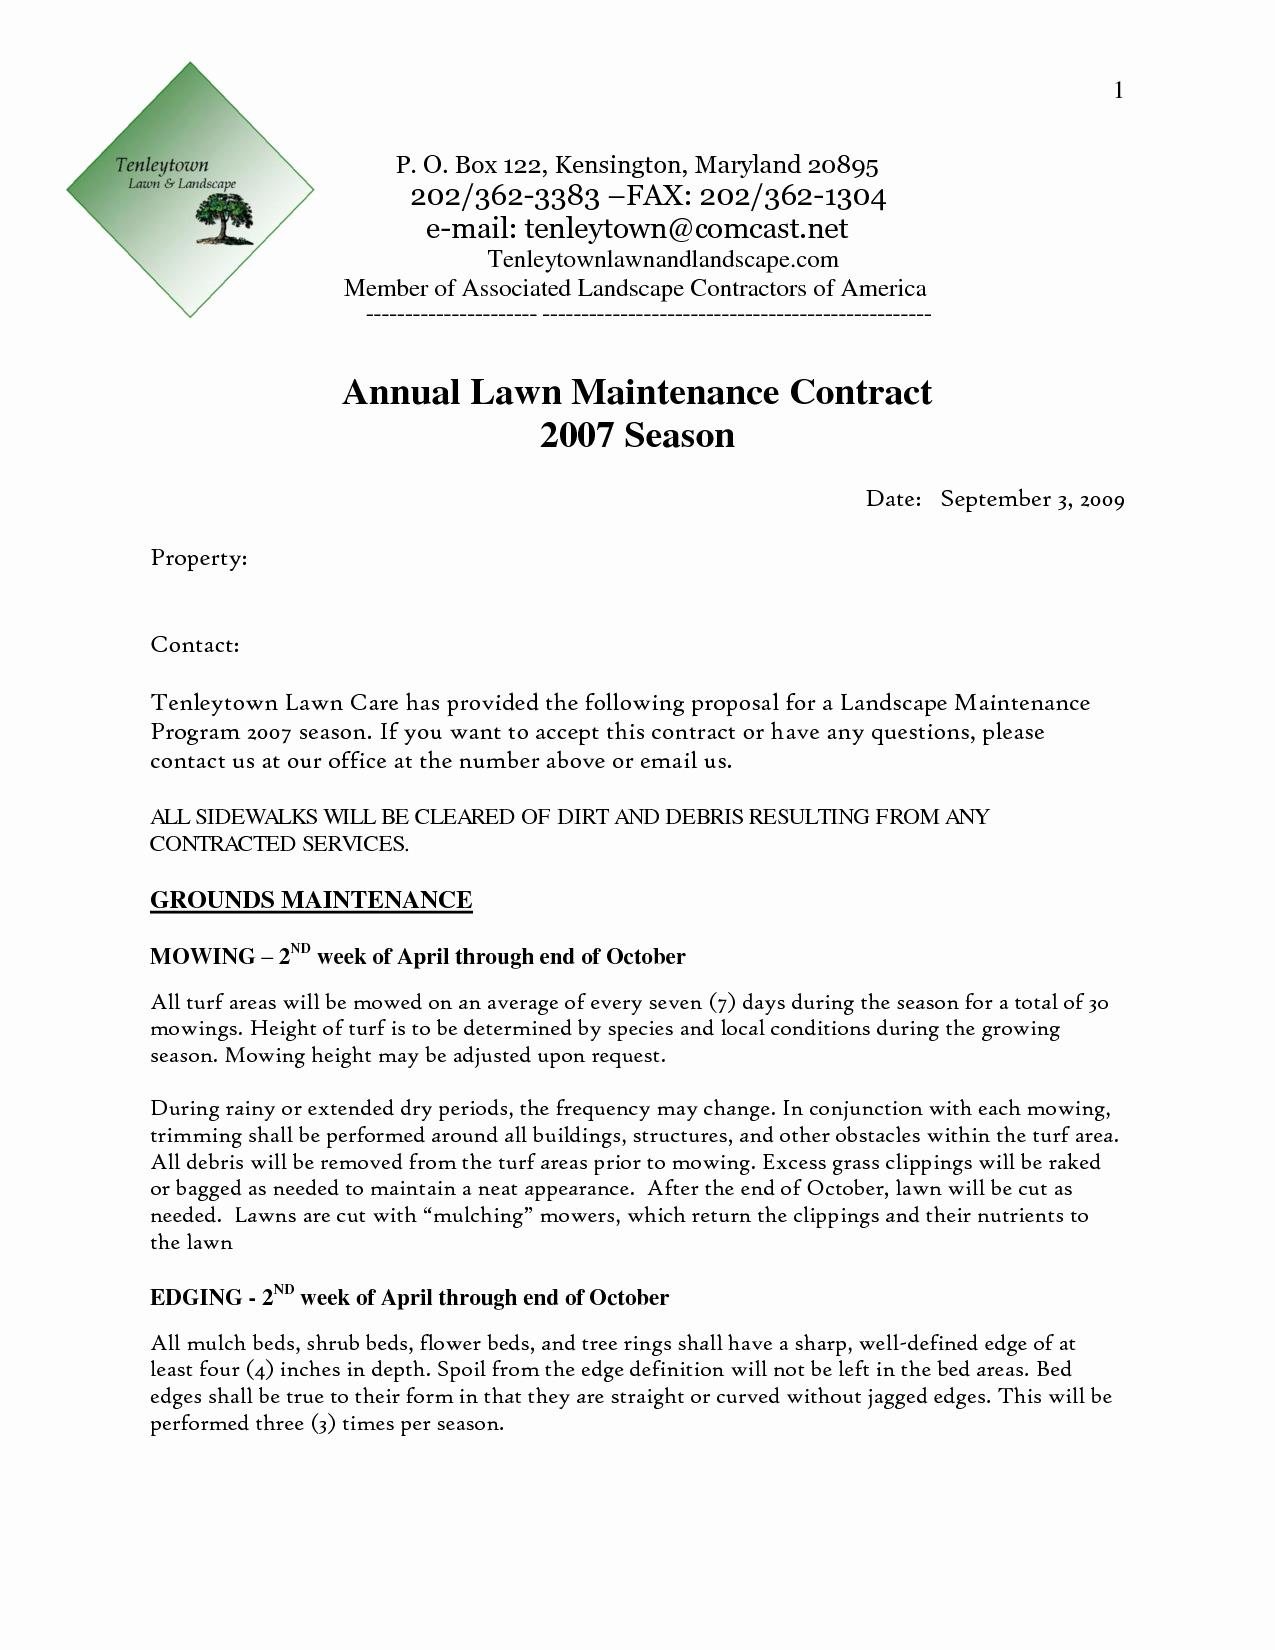 Landscape Maintenance Proposal Template Elegant Landscape Proposal Template Word